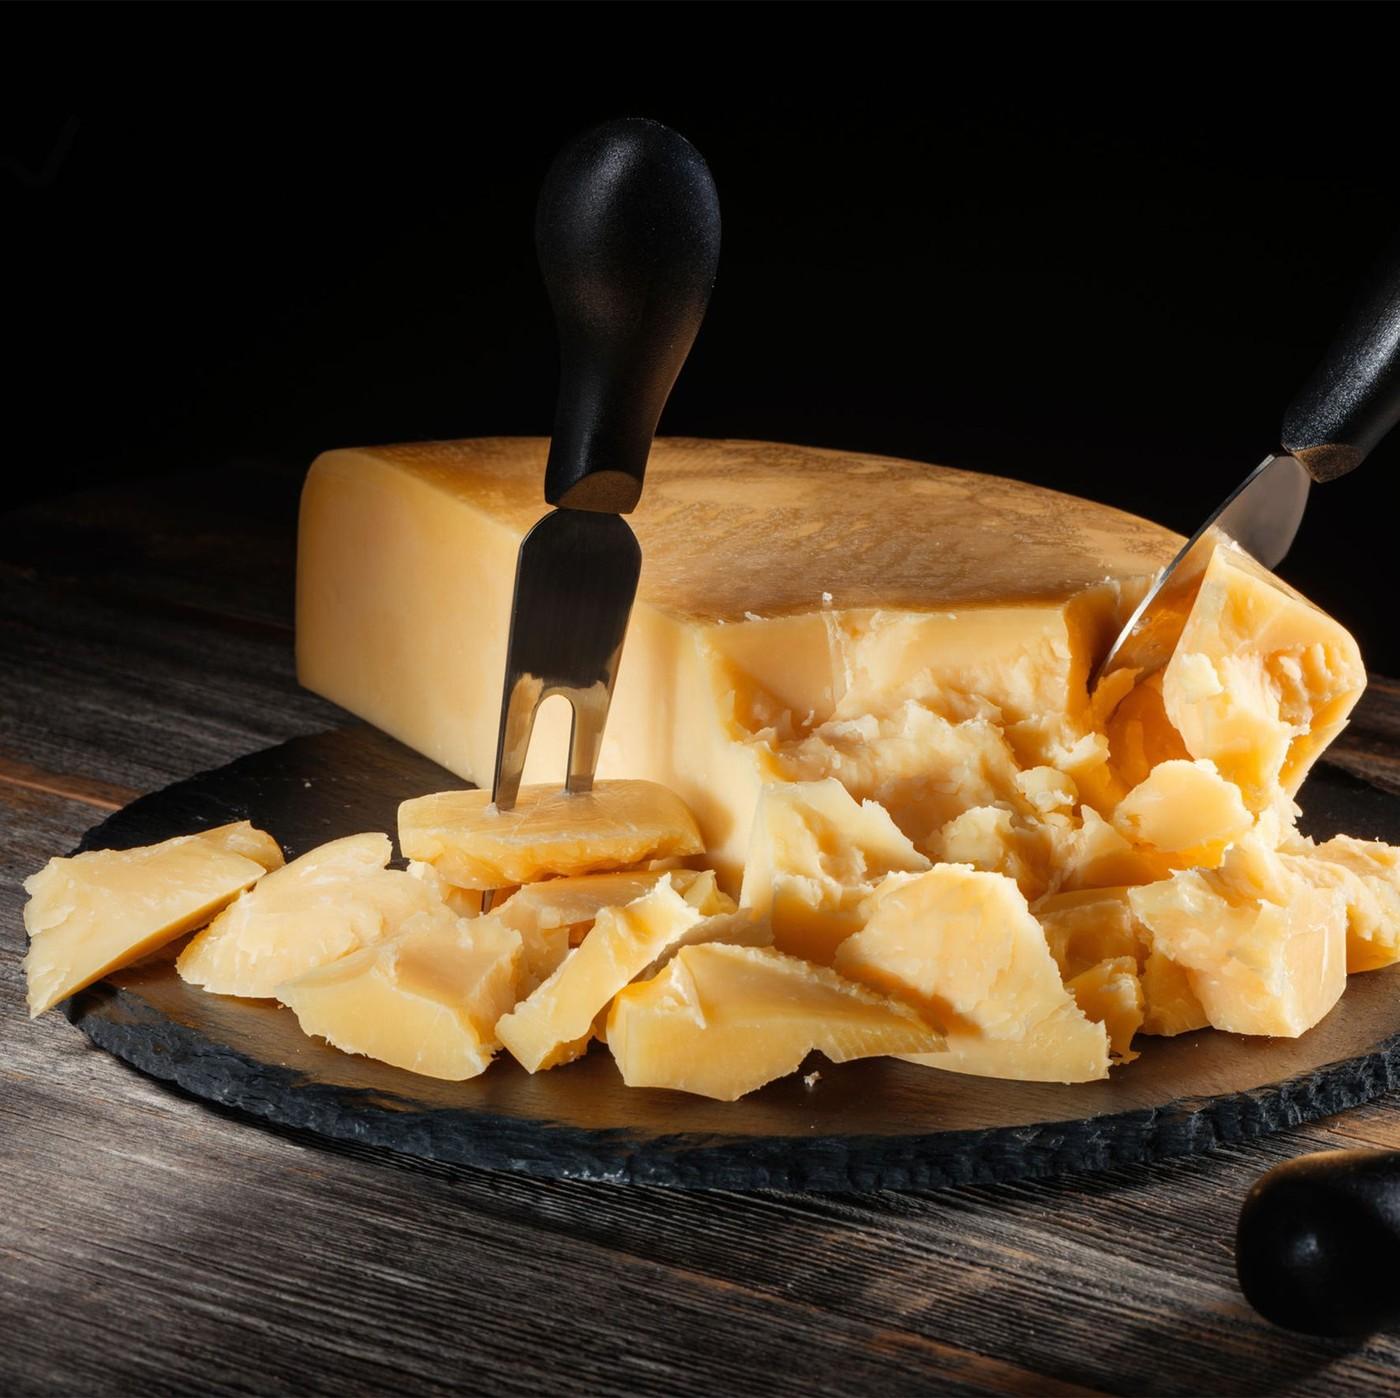 receta de Parmiggiano Regg. 1/2 For. Horizzontale 36m